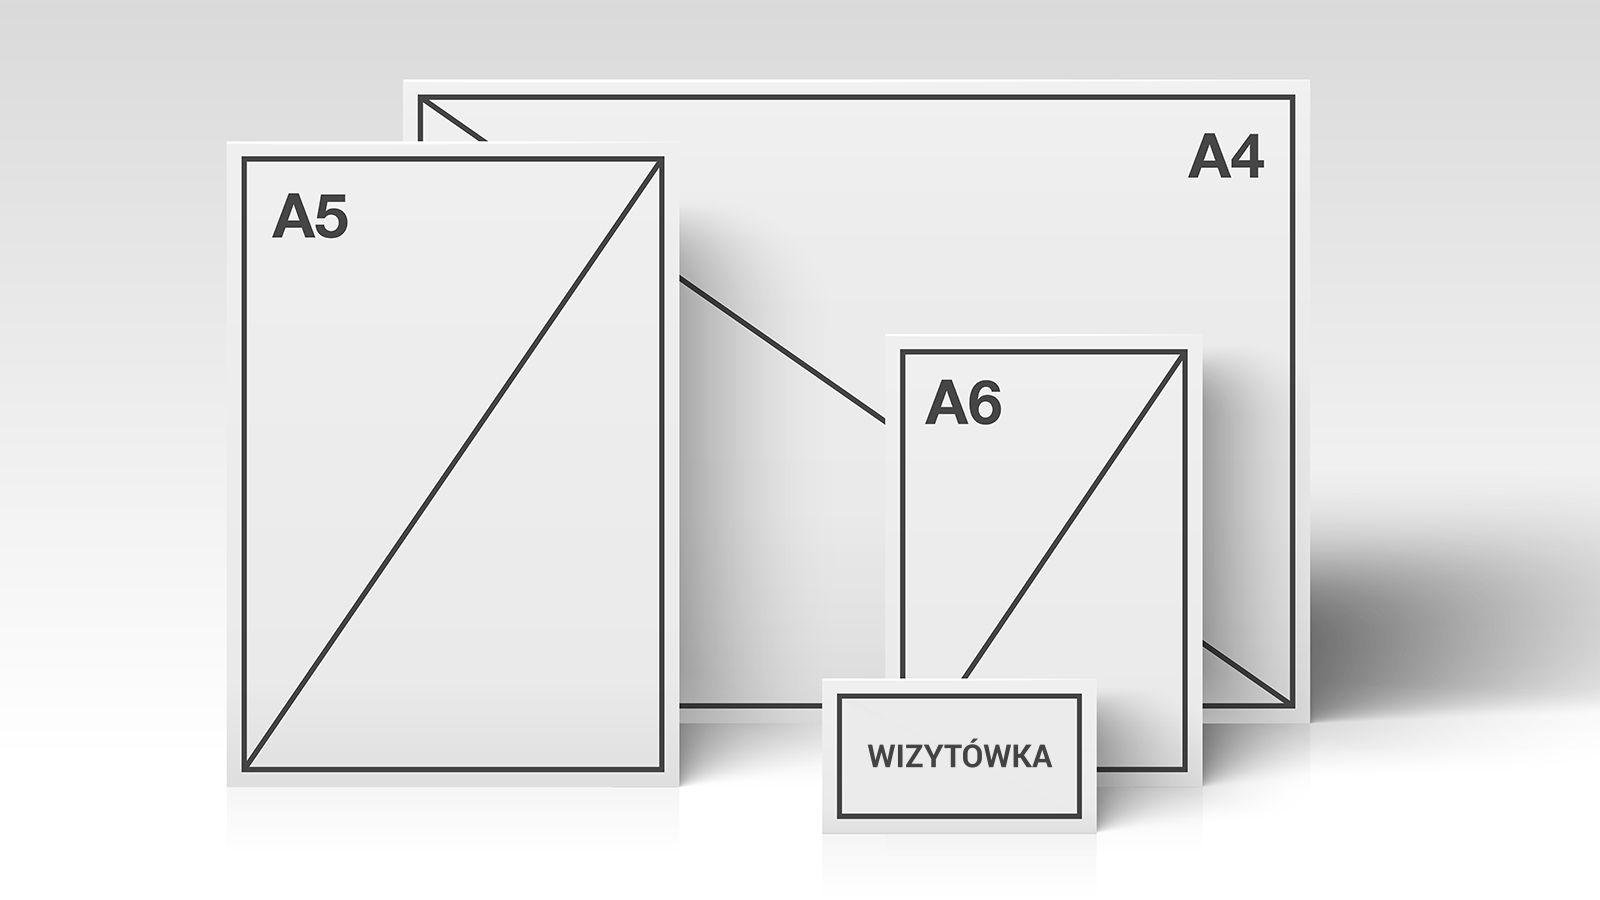 a5e916a0 PRINTDREAM - Drukarnia wielkoformatowa